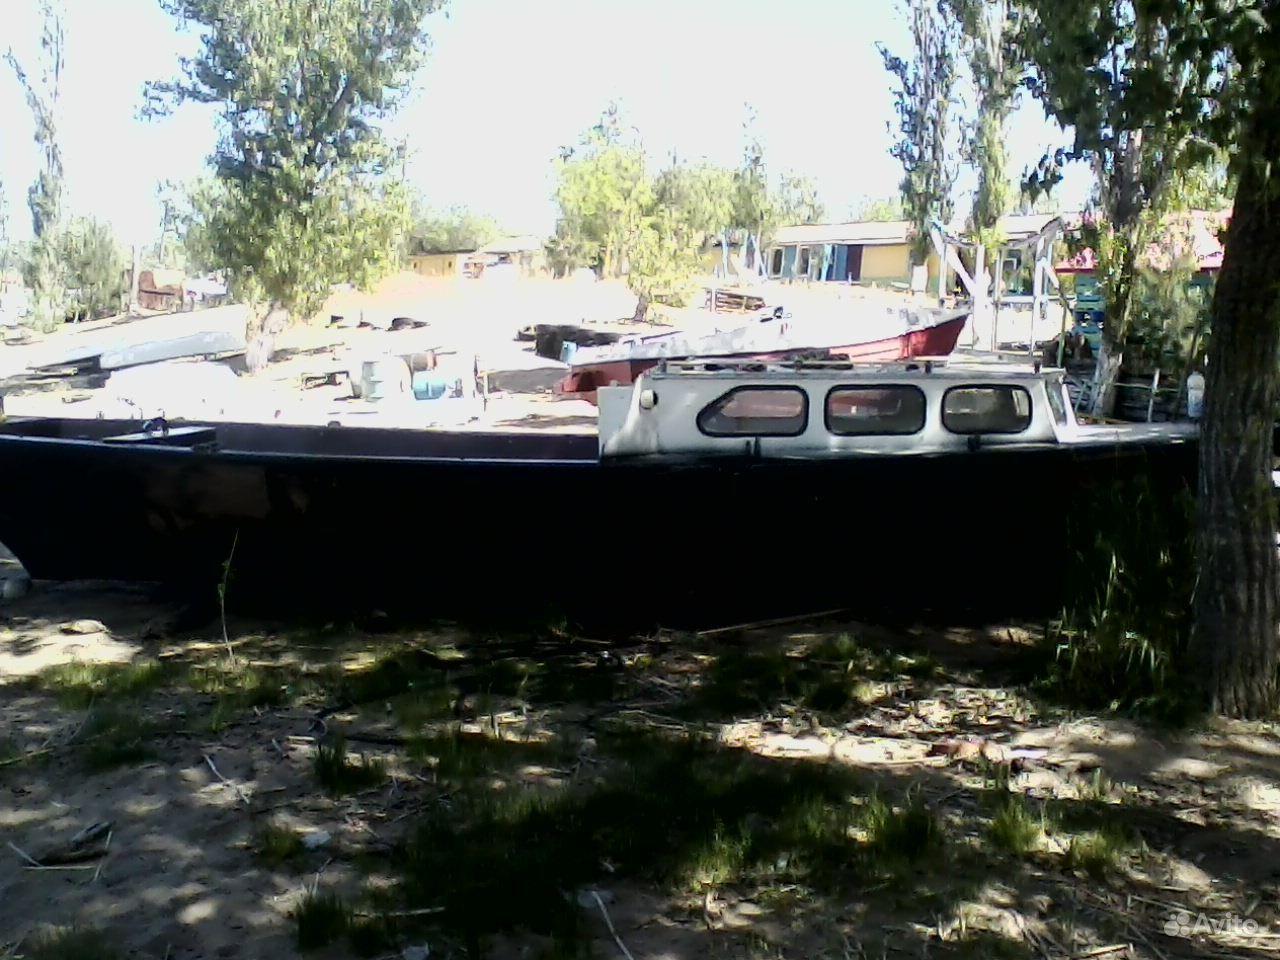 продажа лодок гулянка в саратове